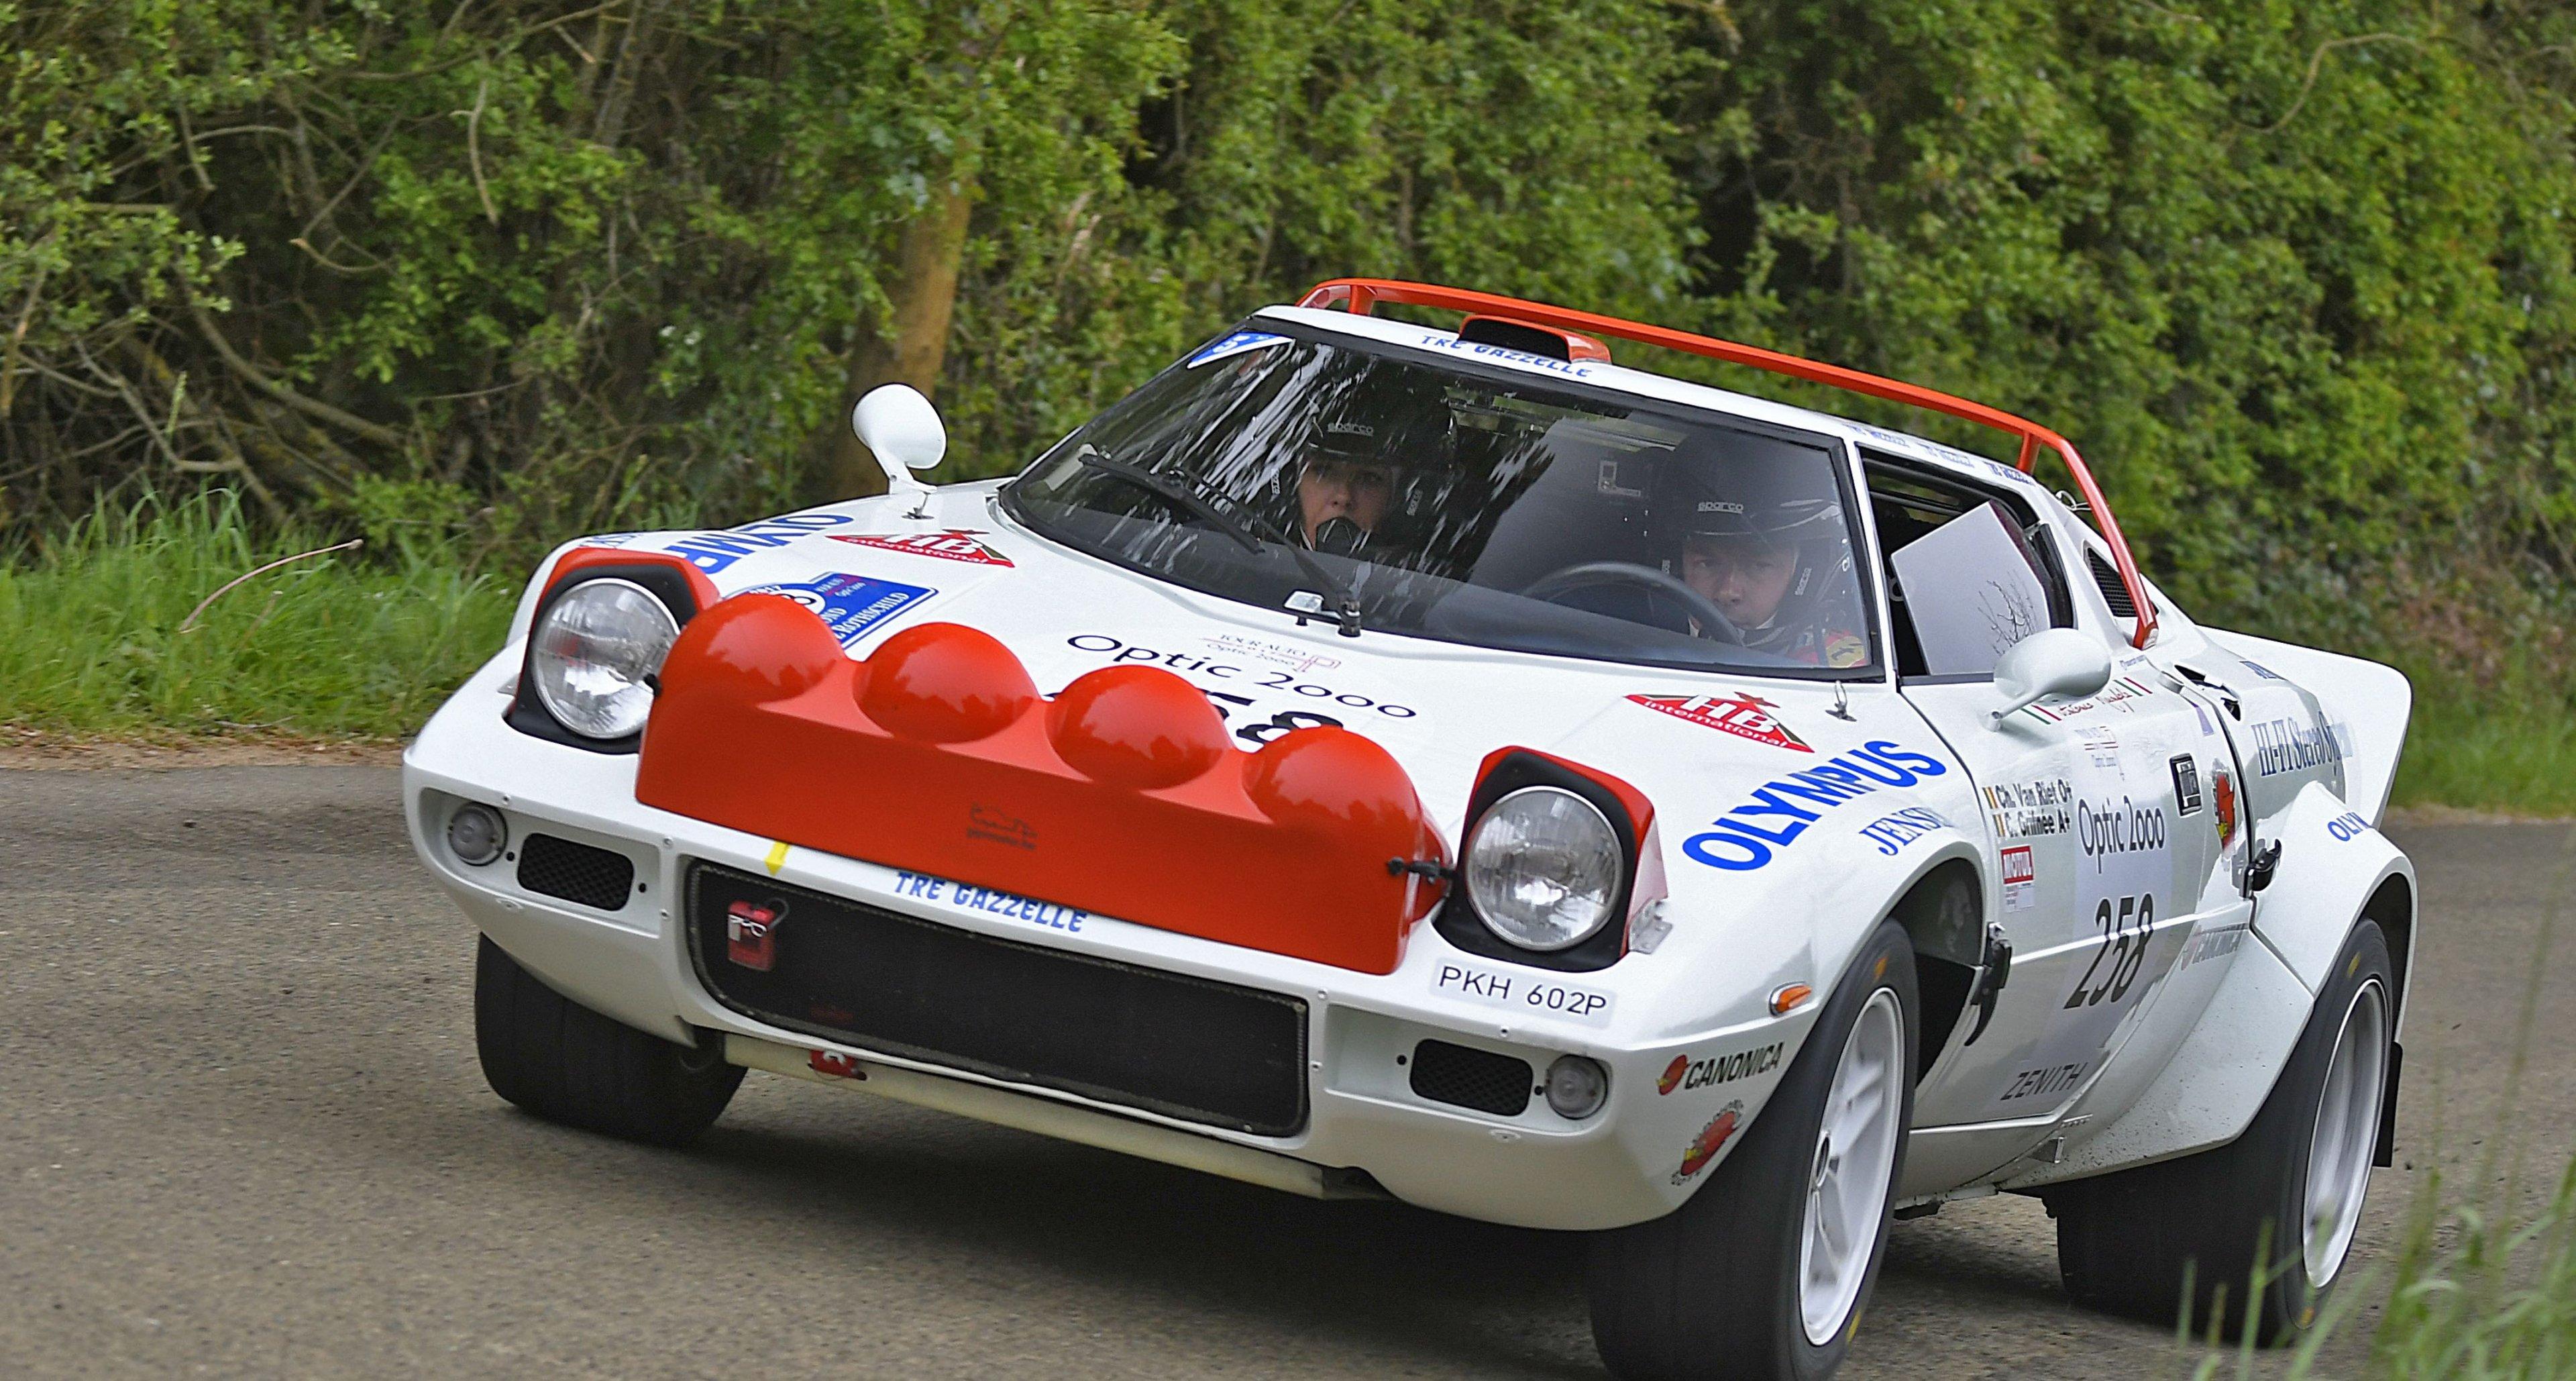 2dea14a7958134 1975 Lancia Stratos - Lancia Stratos Gr IV ex Delta Corse and Jolly Club  with 47